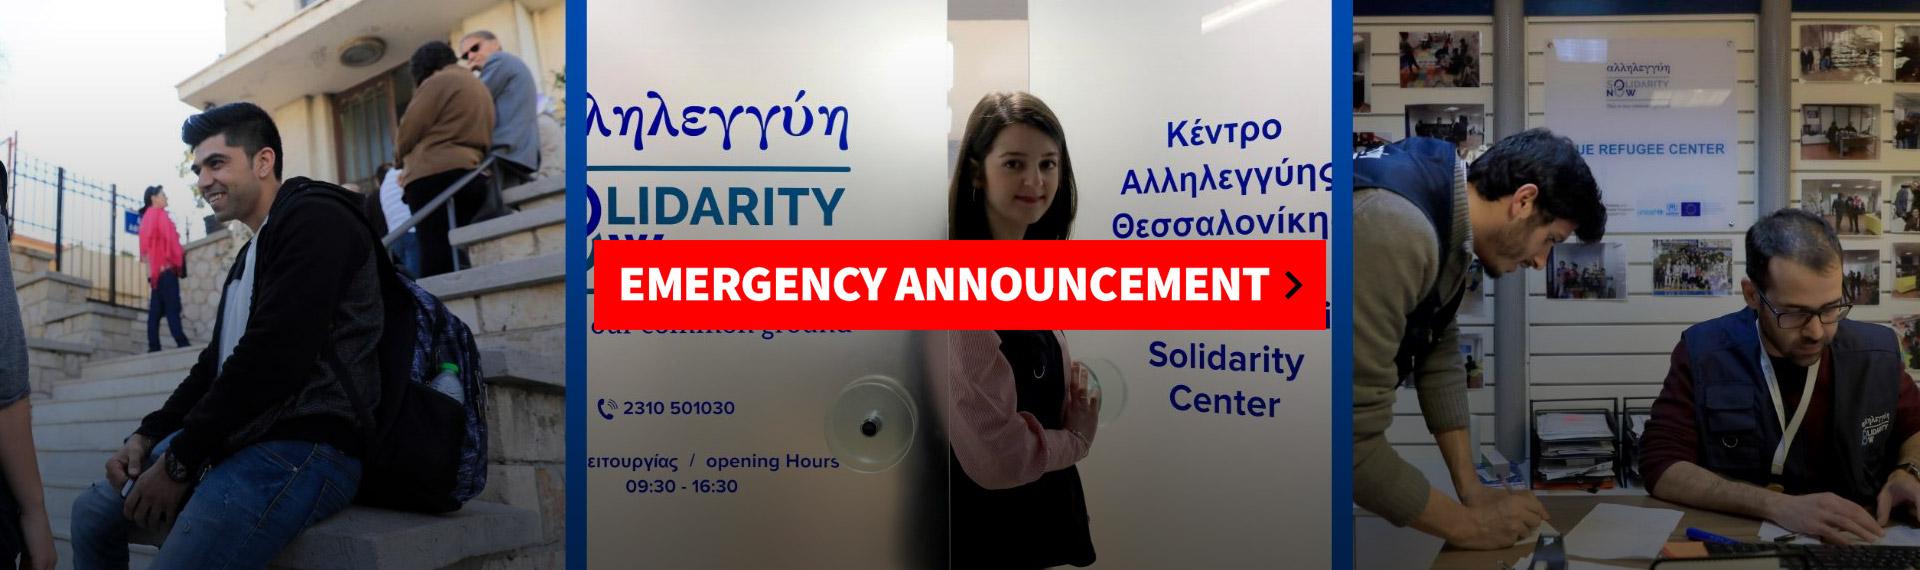 solidarity-emergency